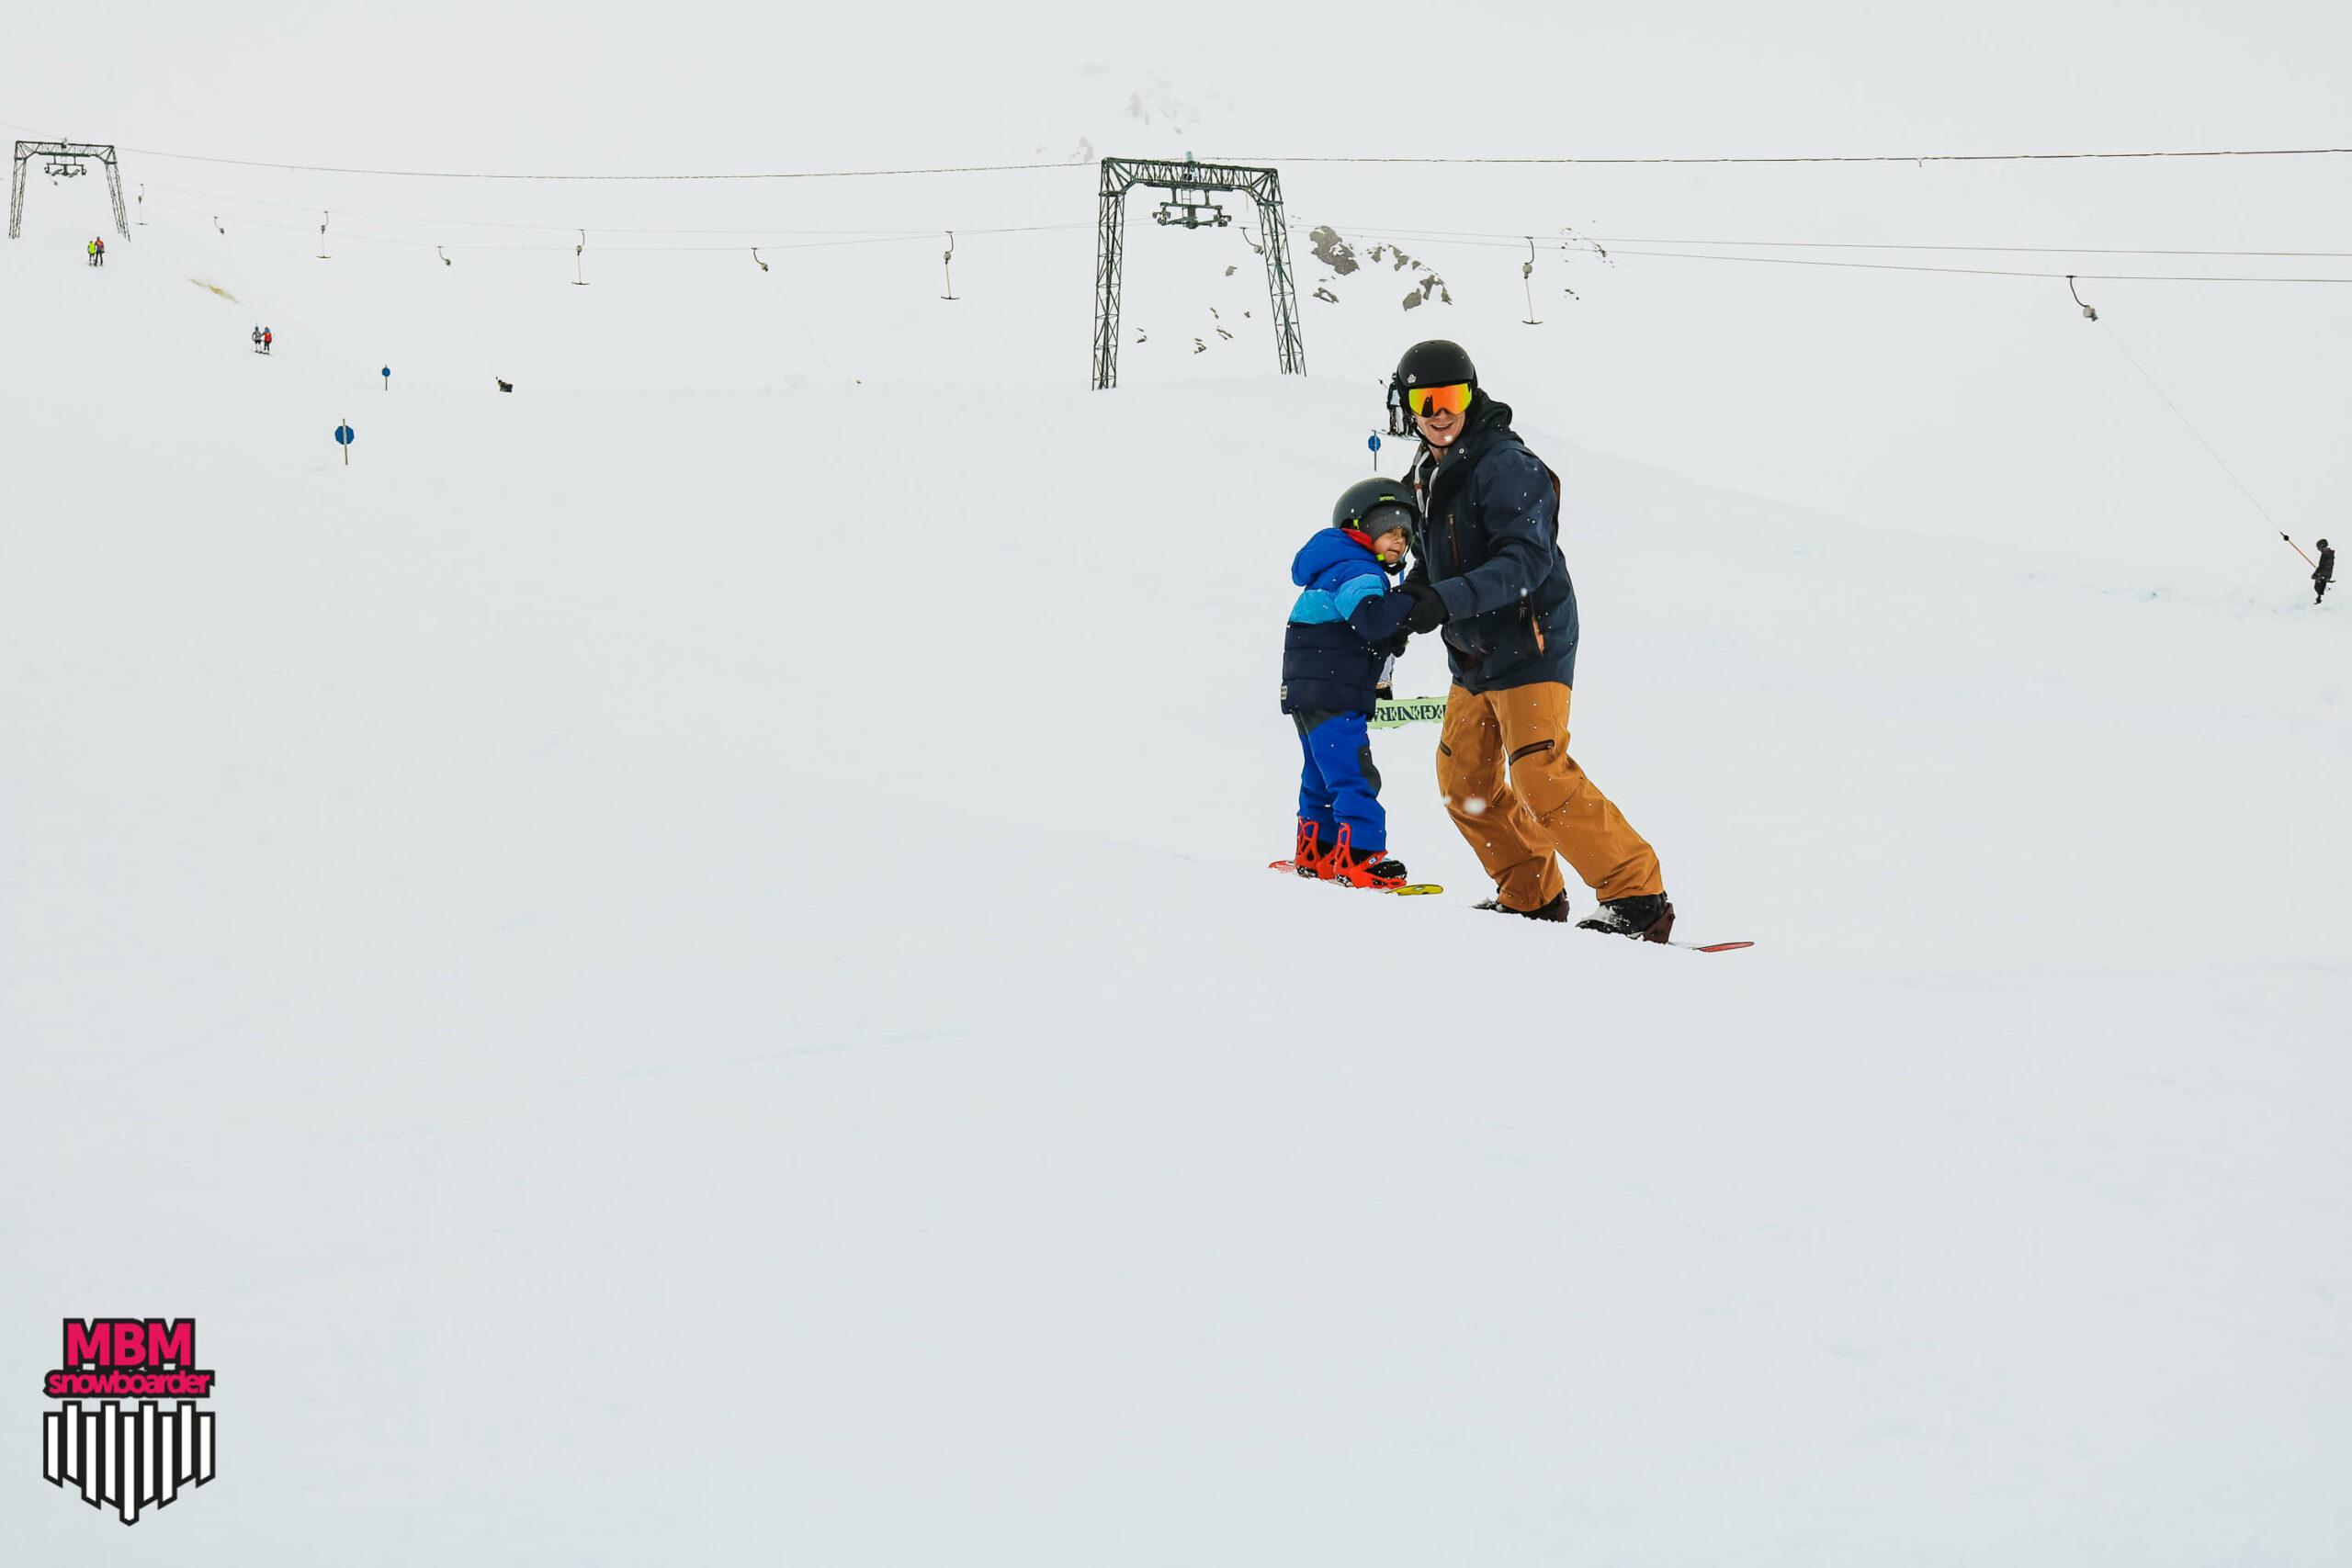 snowboarderMBM_sd_kaunertal_101